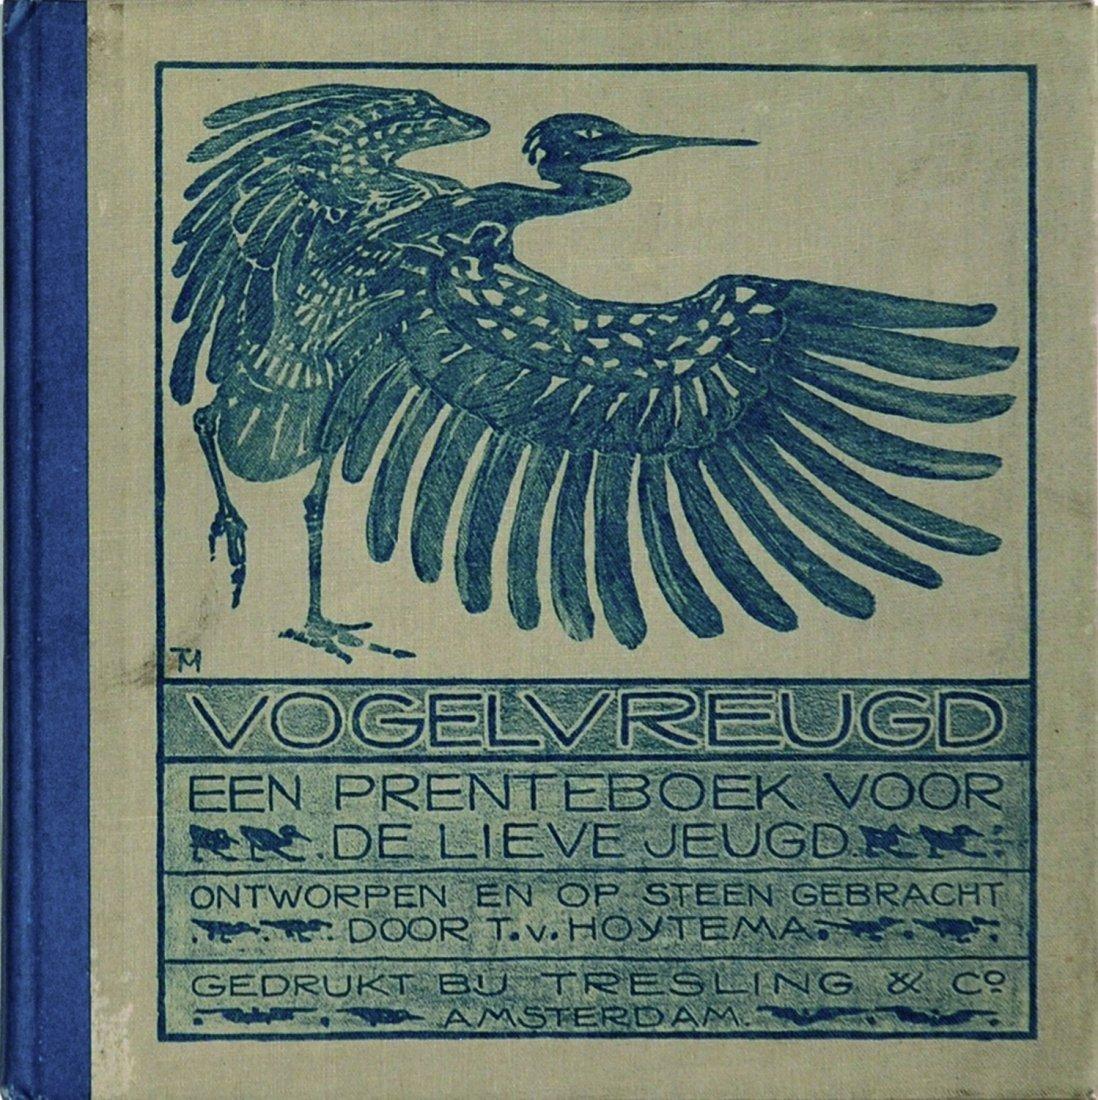 Theodorus Van Hoytema Vogelvreugd - Een Prenteboek voor